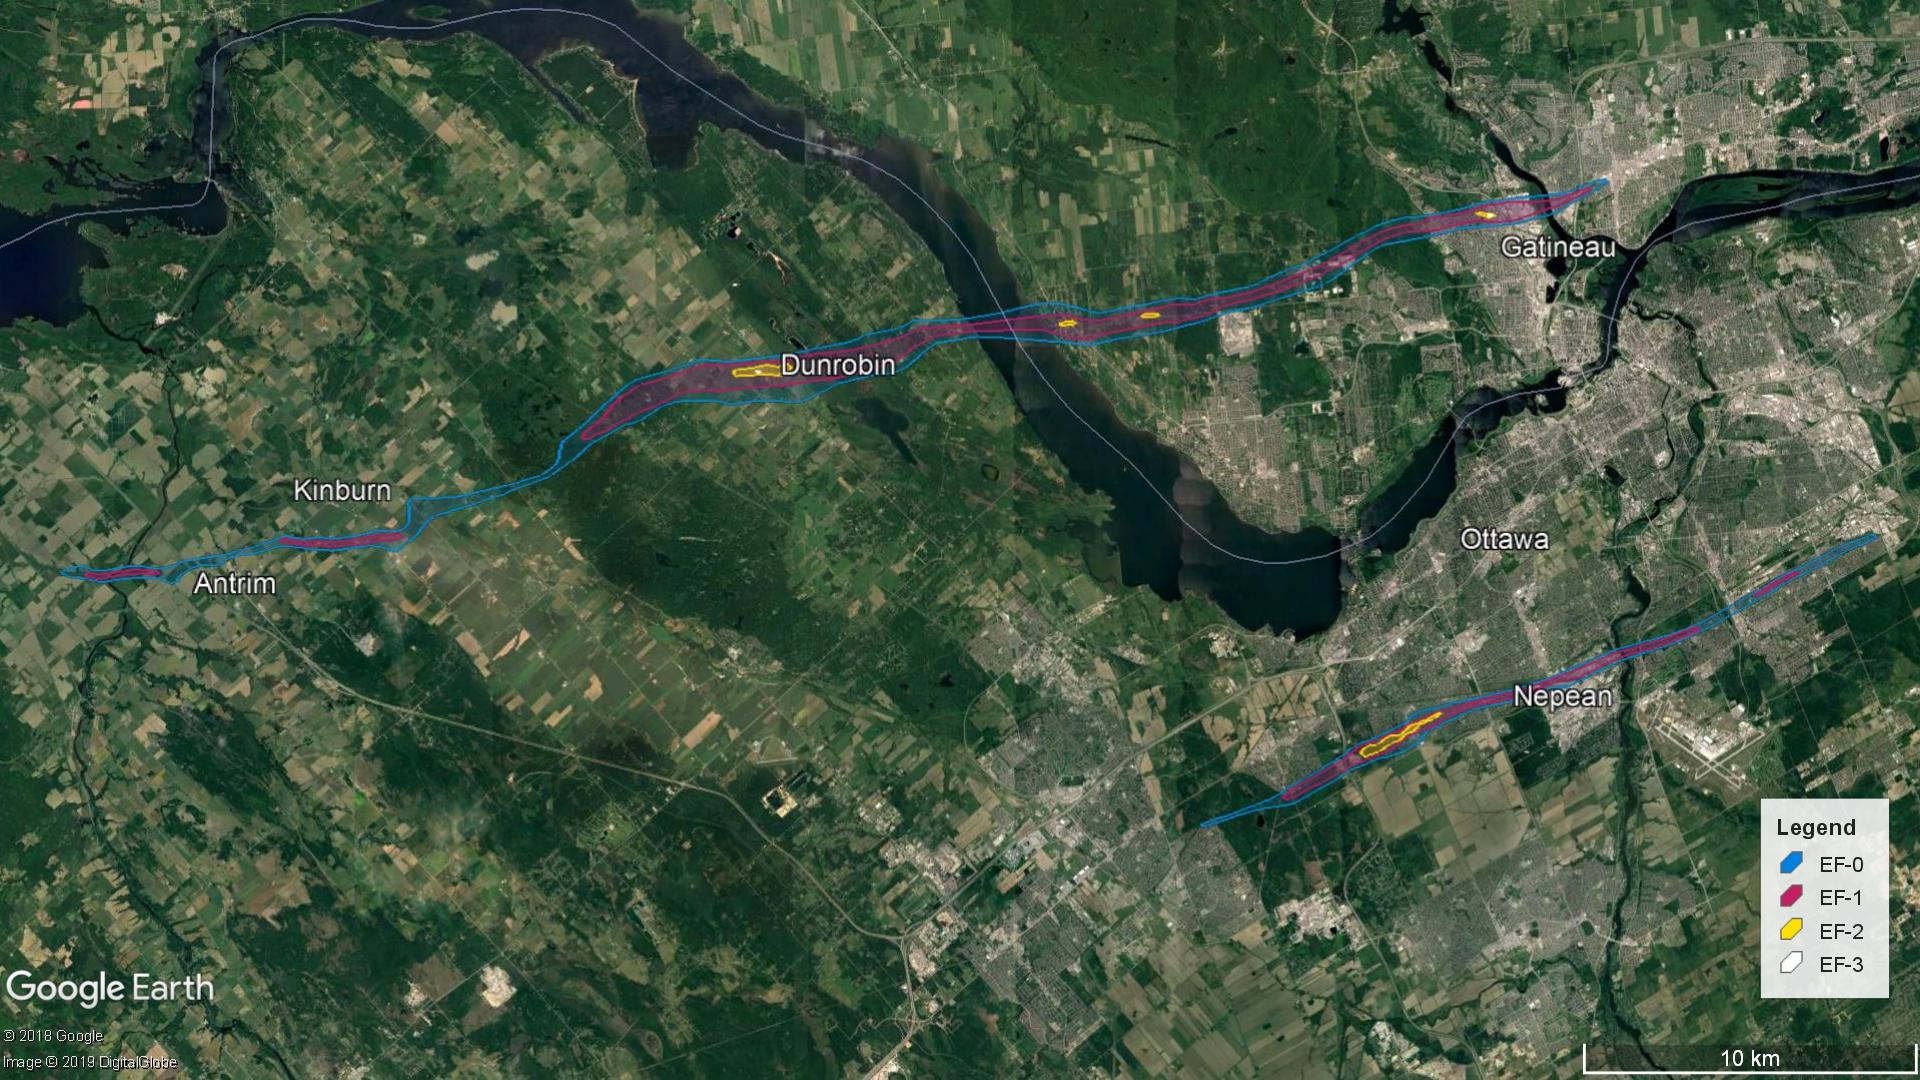 Parcours des tornades à Gatineau et Ottawa.